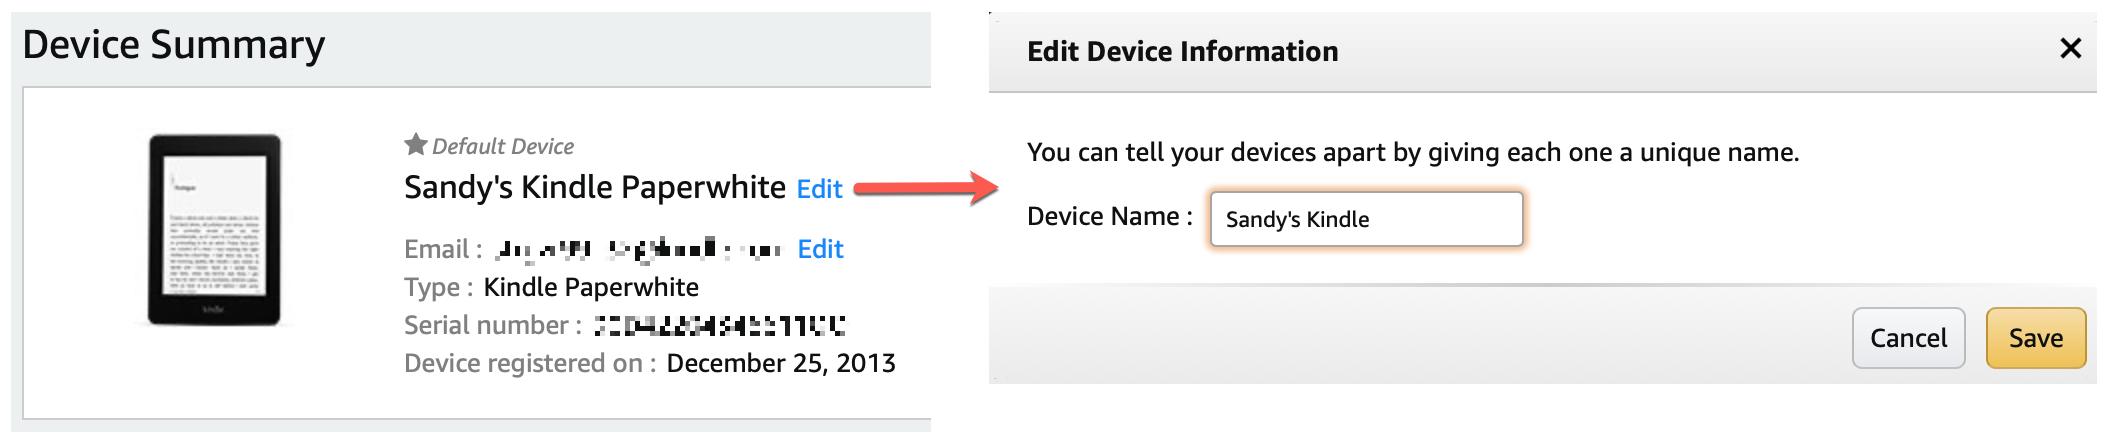 Change Kindle Device Name on Amazon